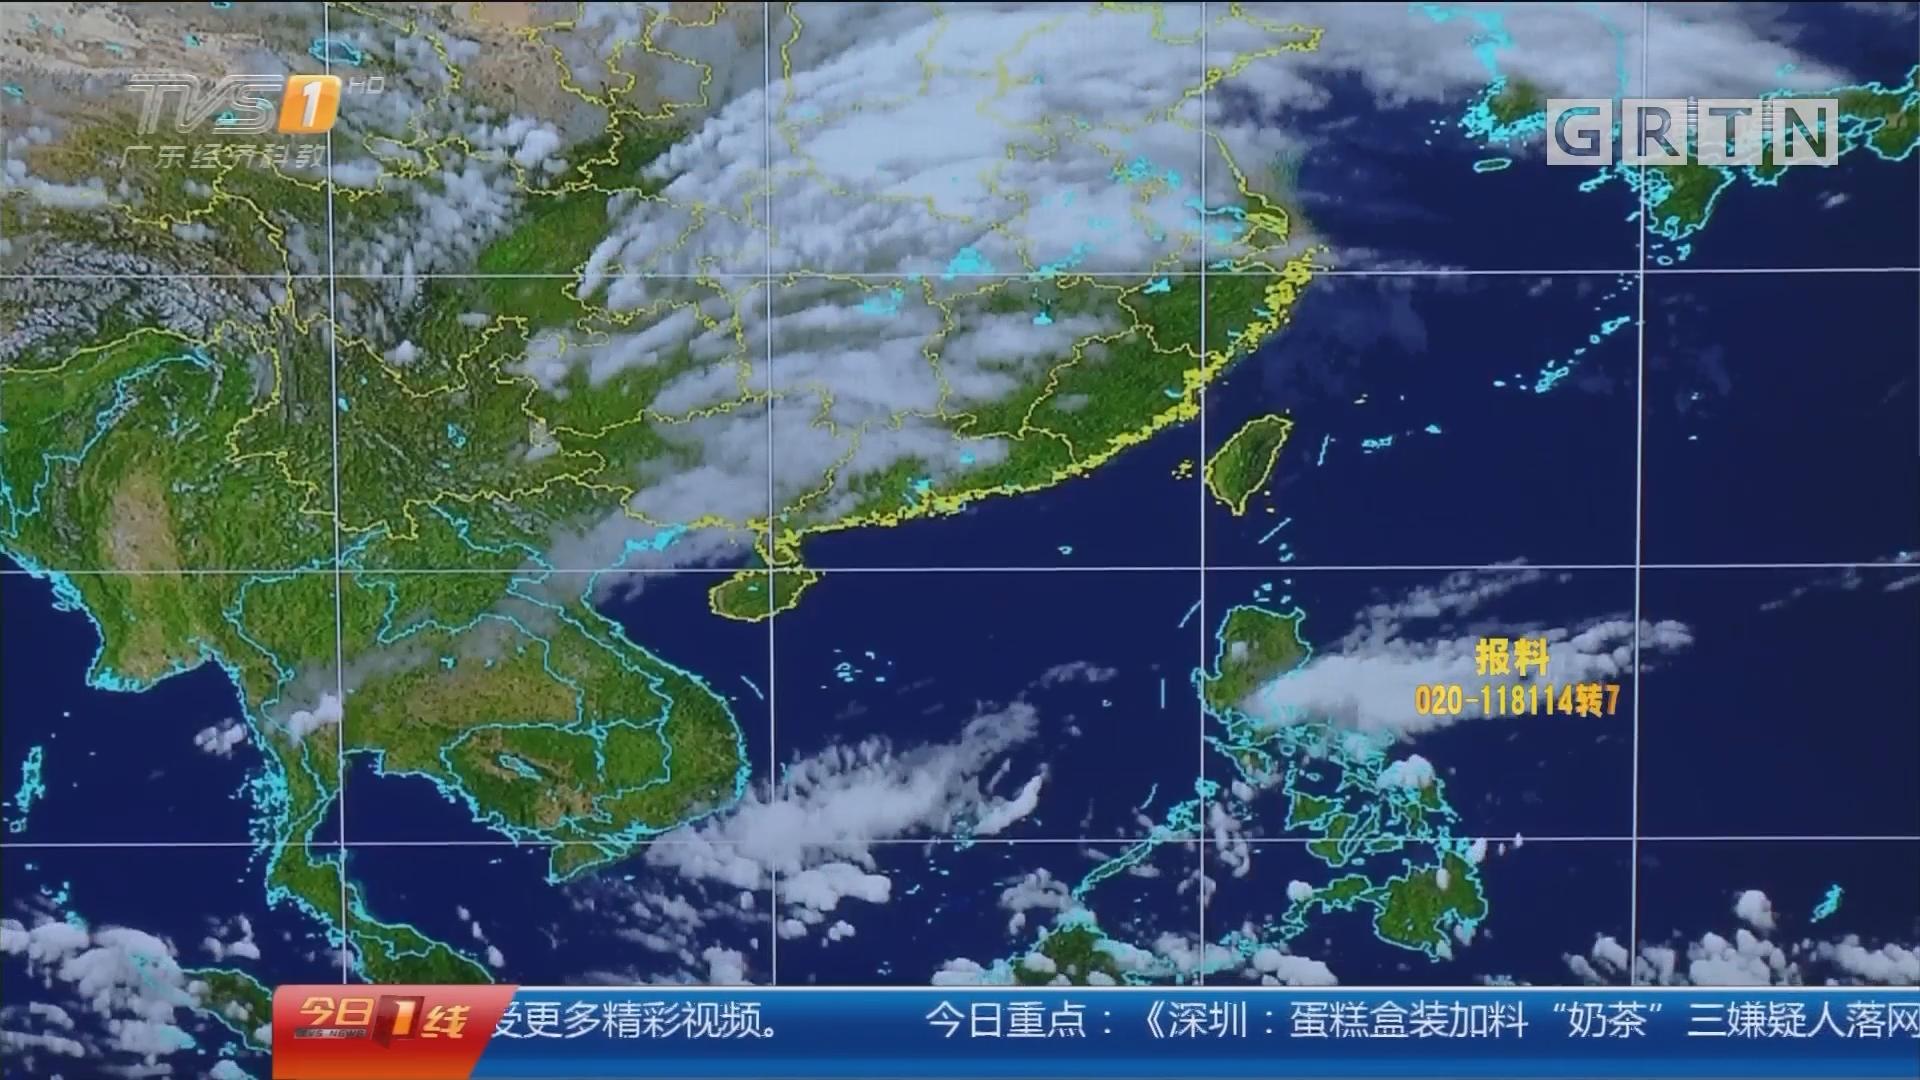 广东:未来三天阴有阵雨 回南天杀到?